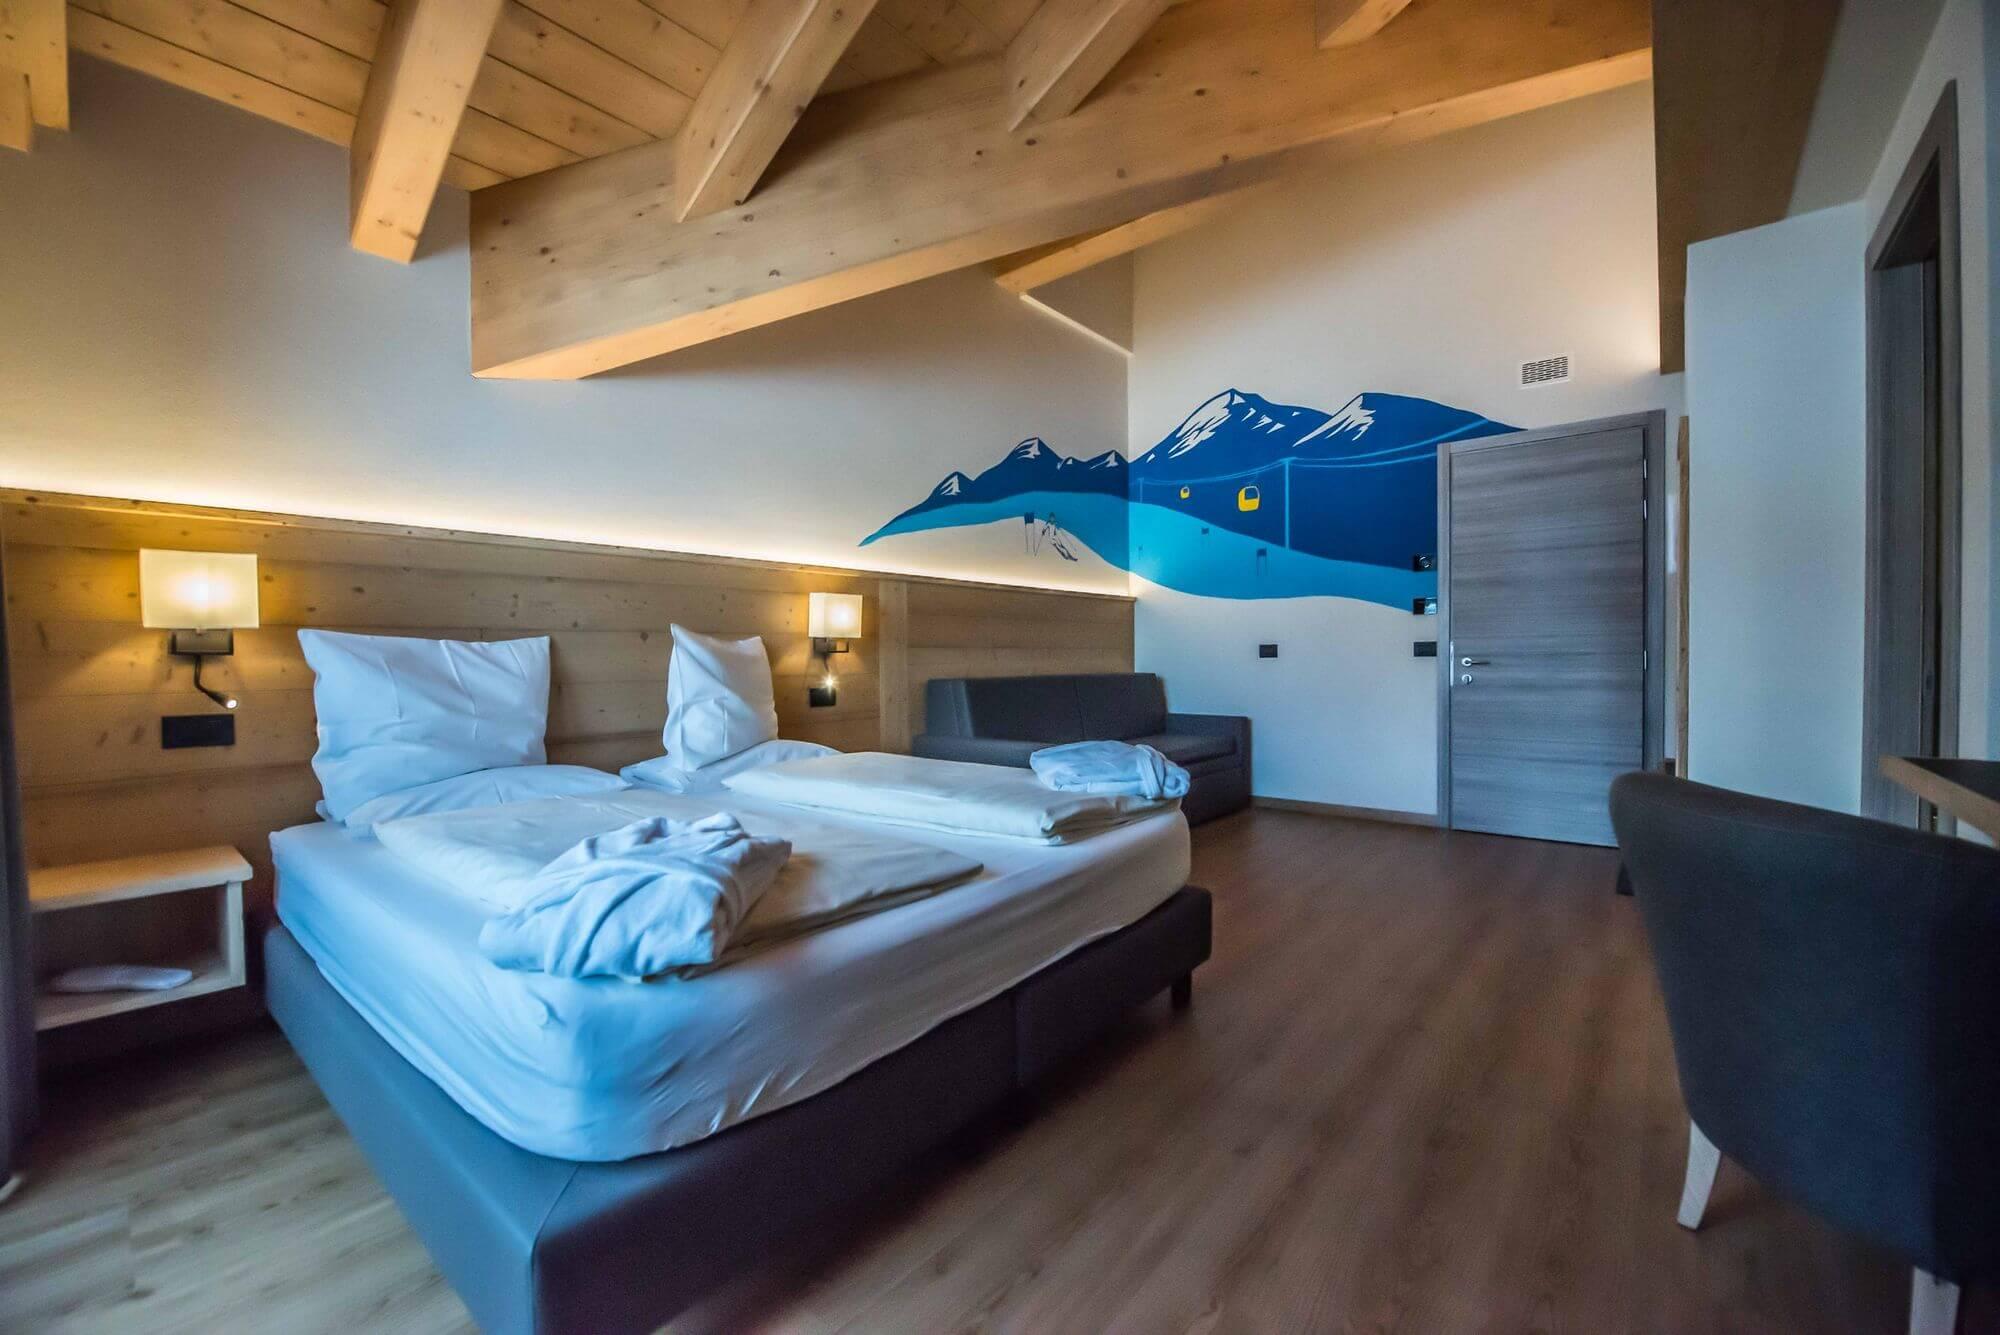 Decorazioni a tema alpino: Hotel Le Alpi a Livigno